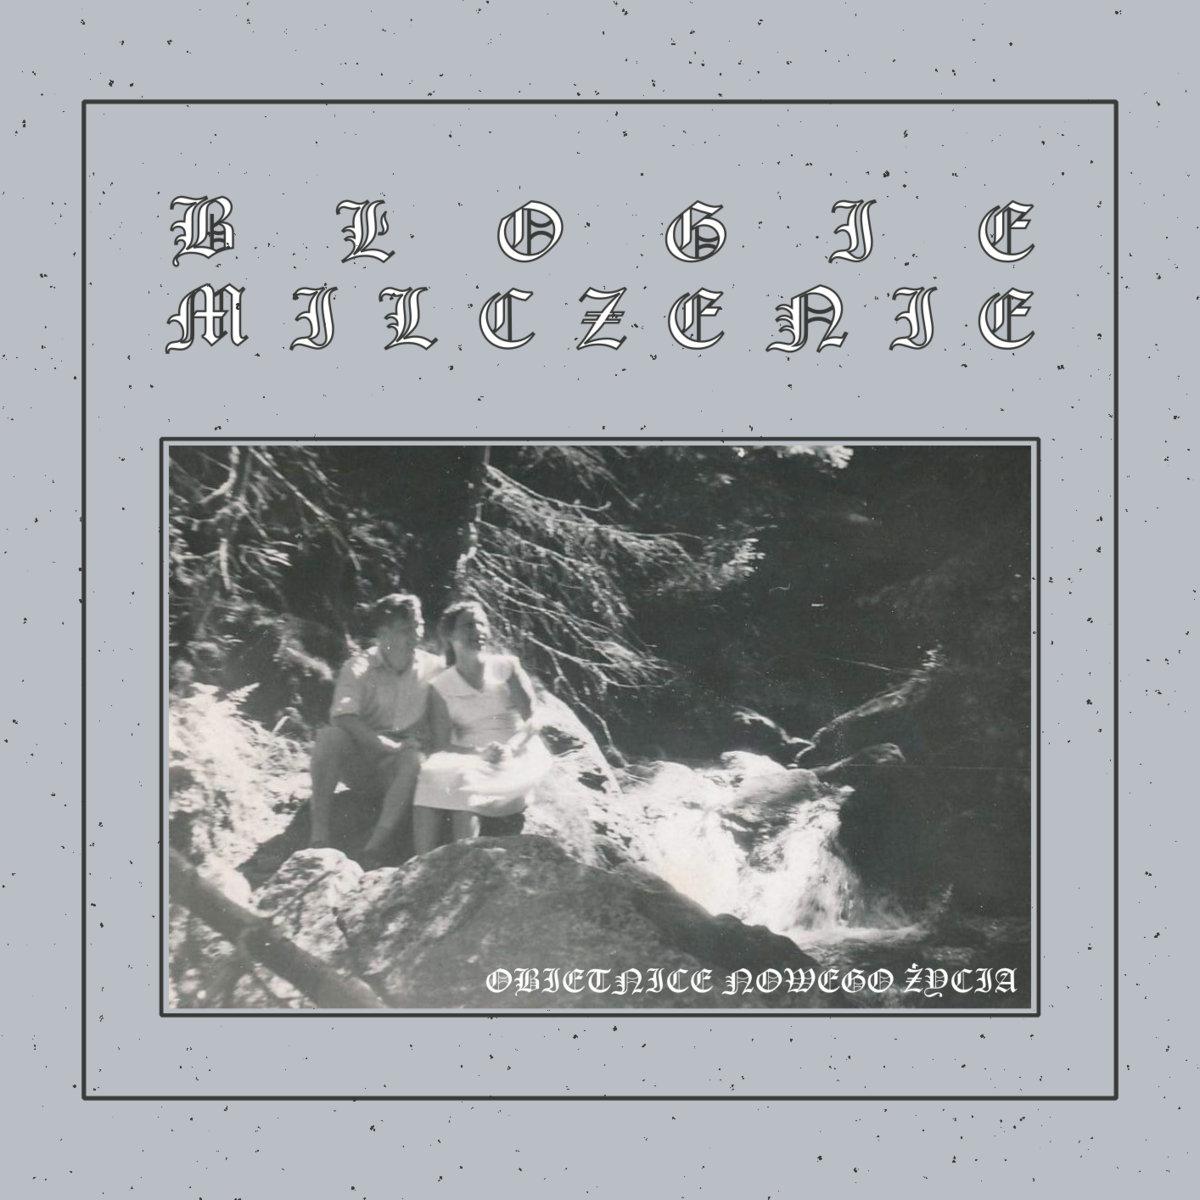 Błogie Milczenie - Obietnice nowego życia (singiel; 2020)